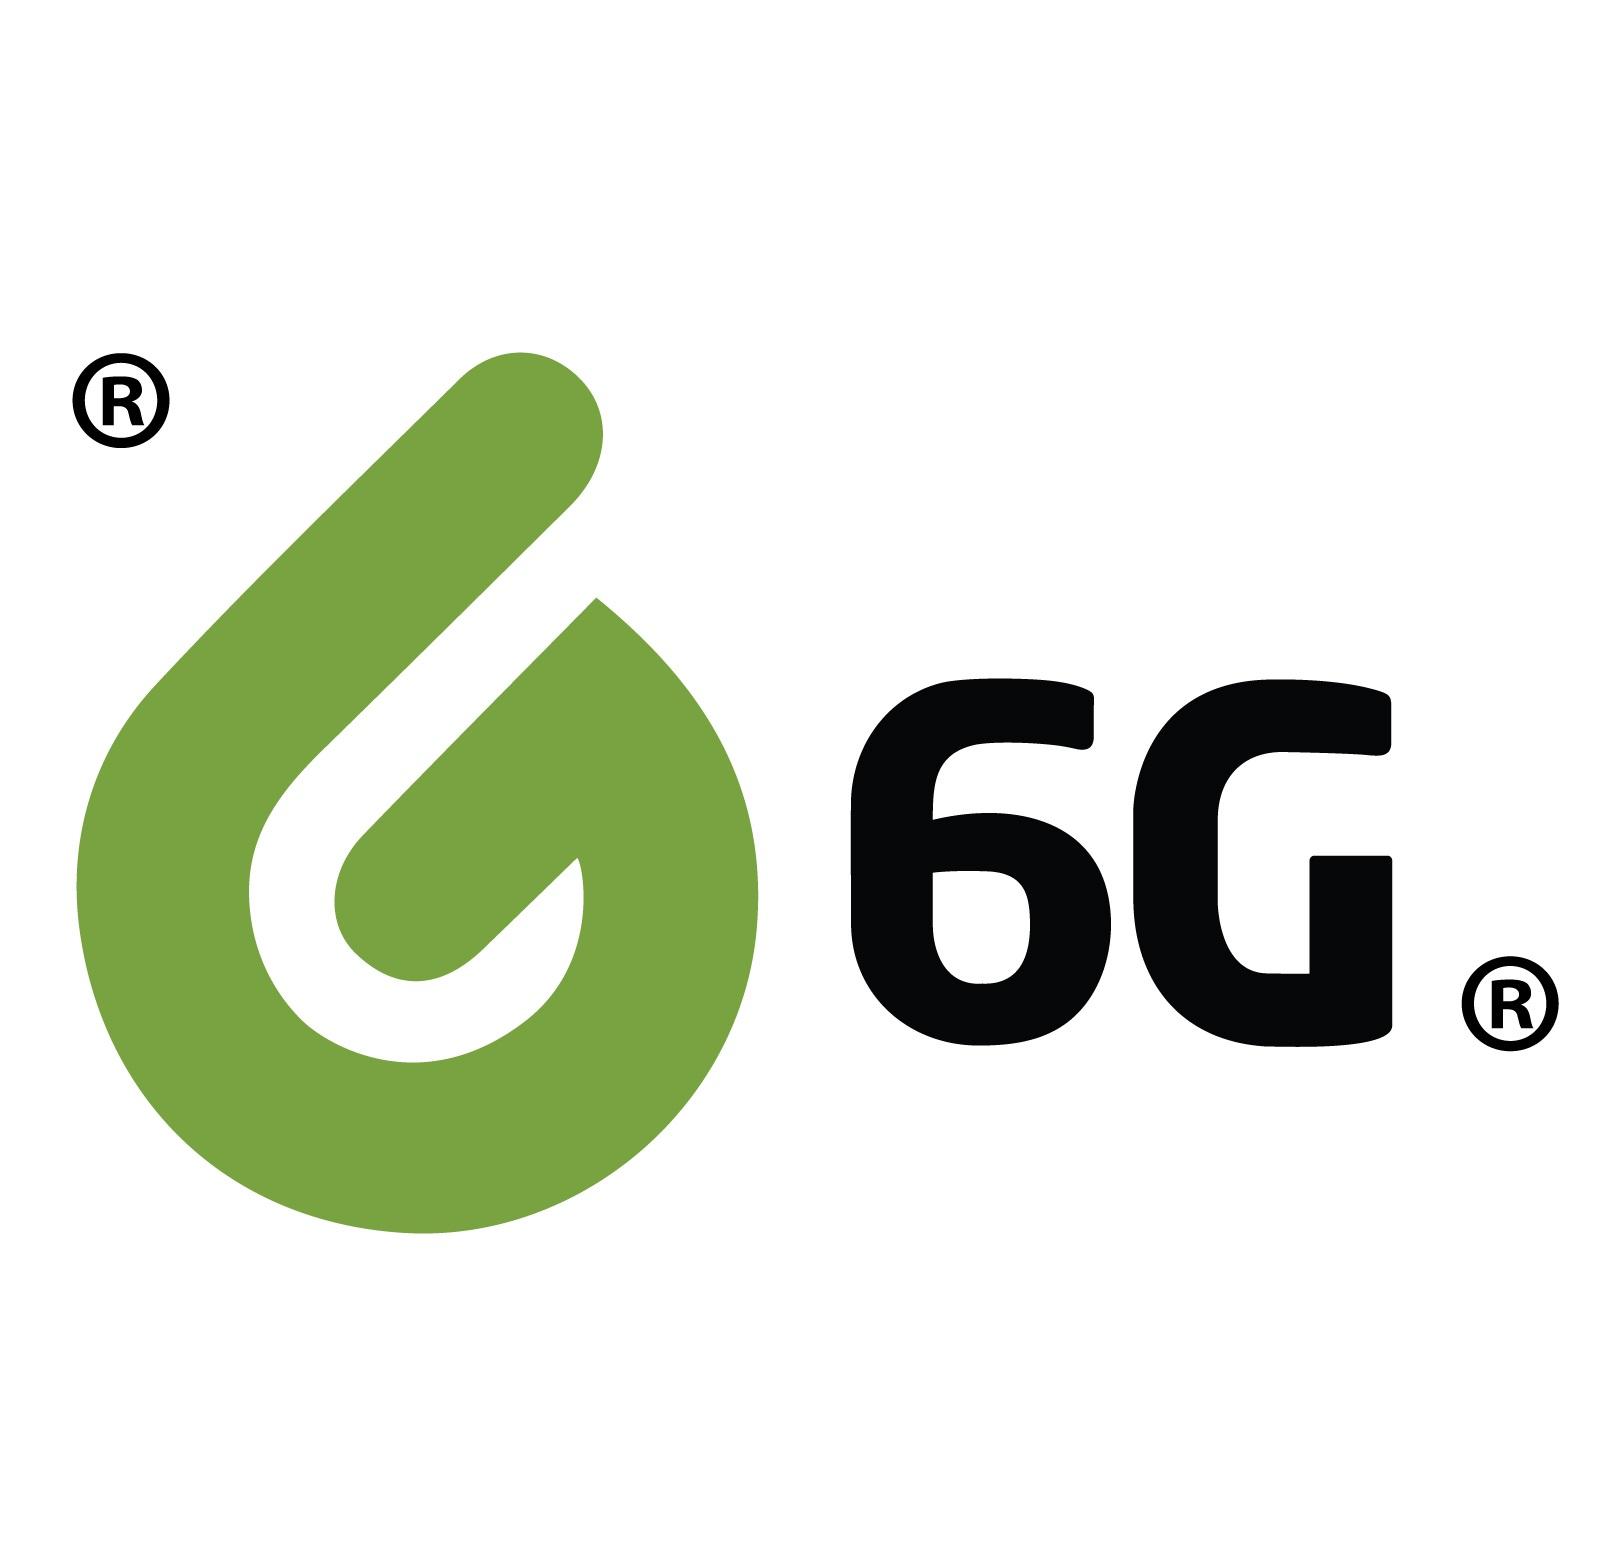 6G Logo Register Mark - Residential.jpg 1